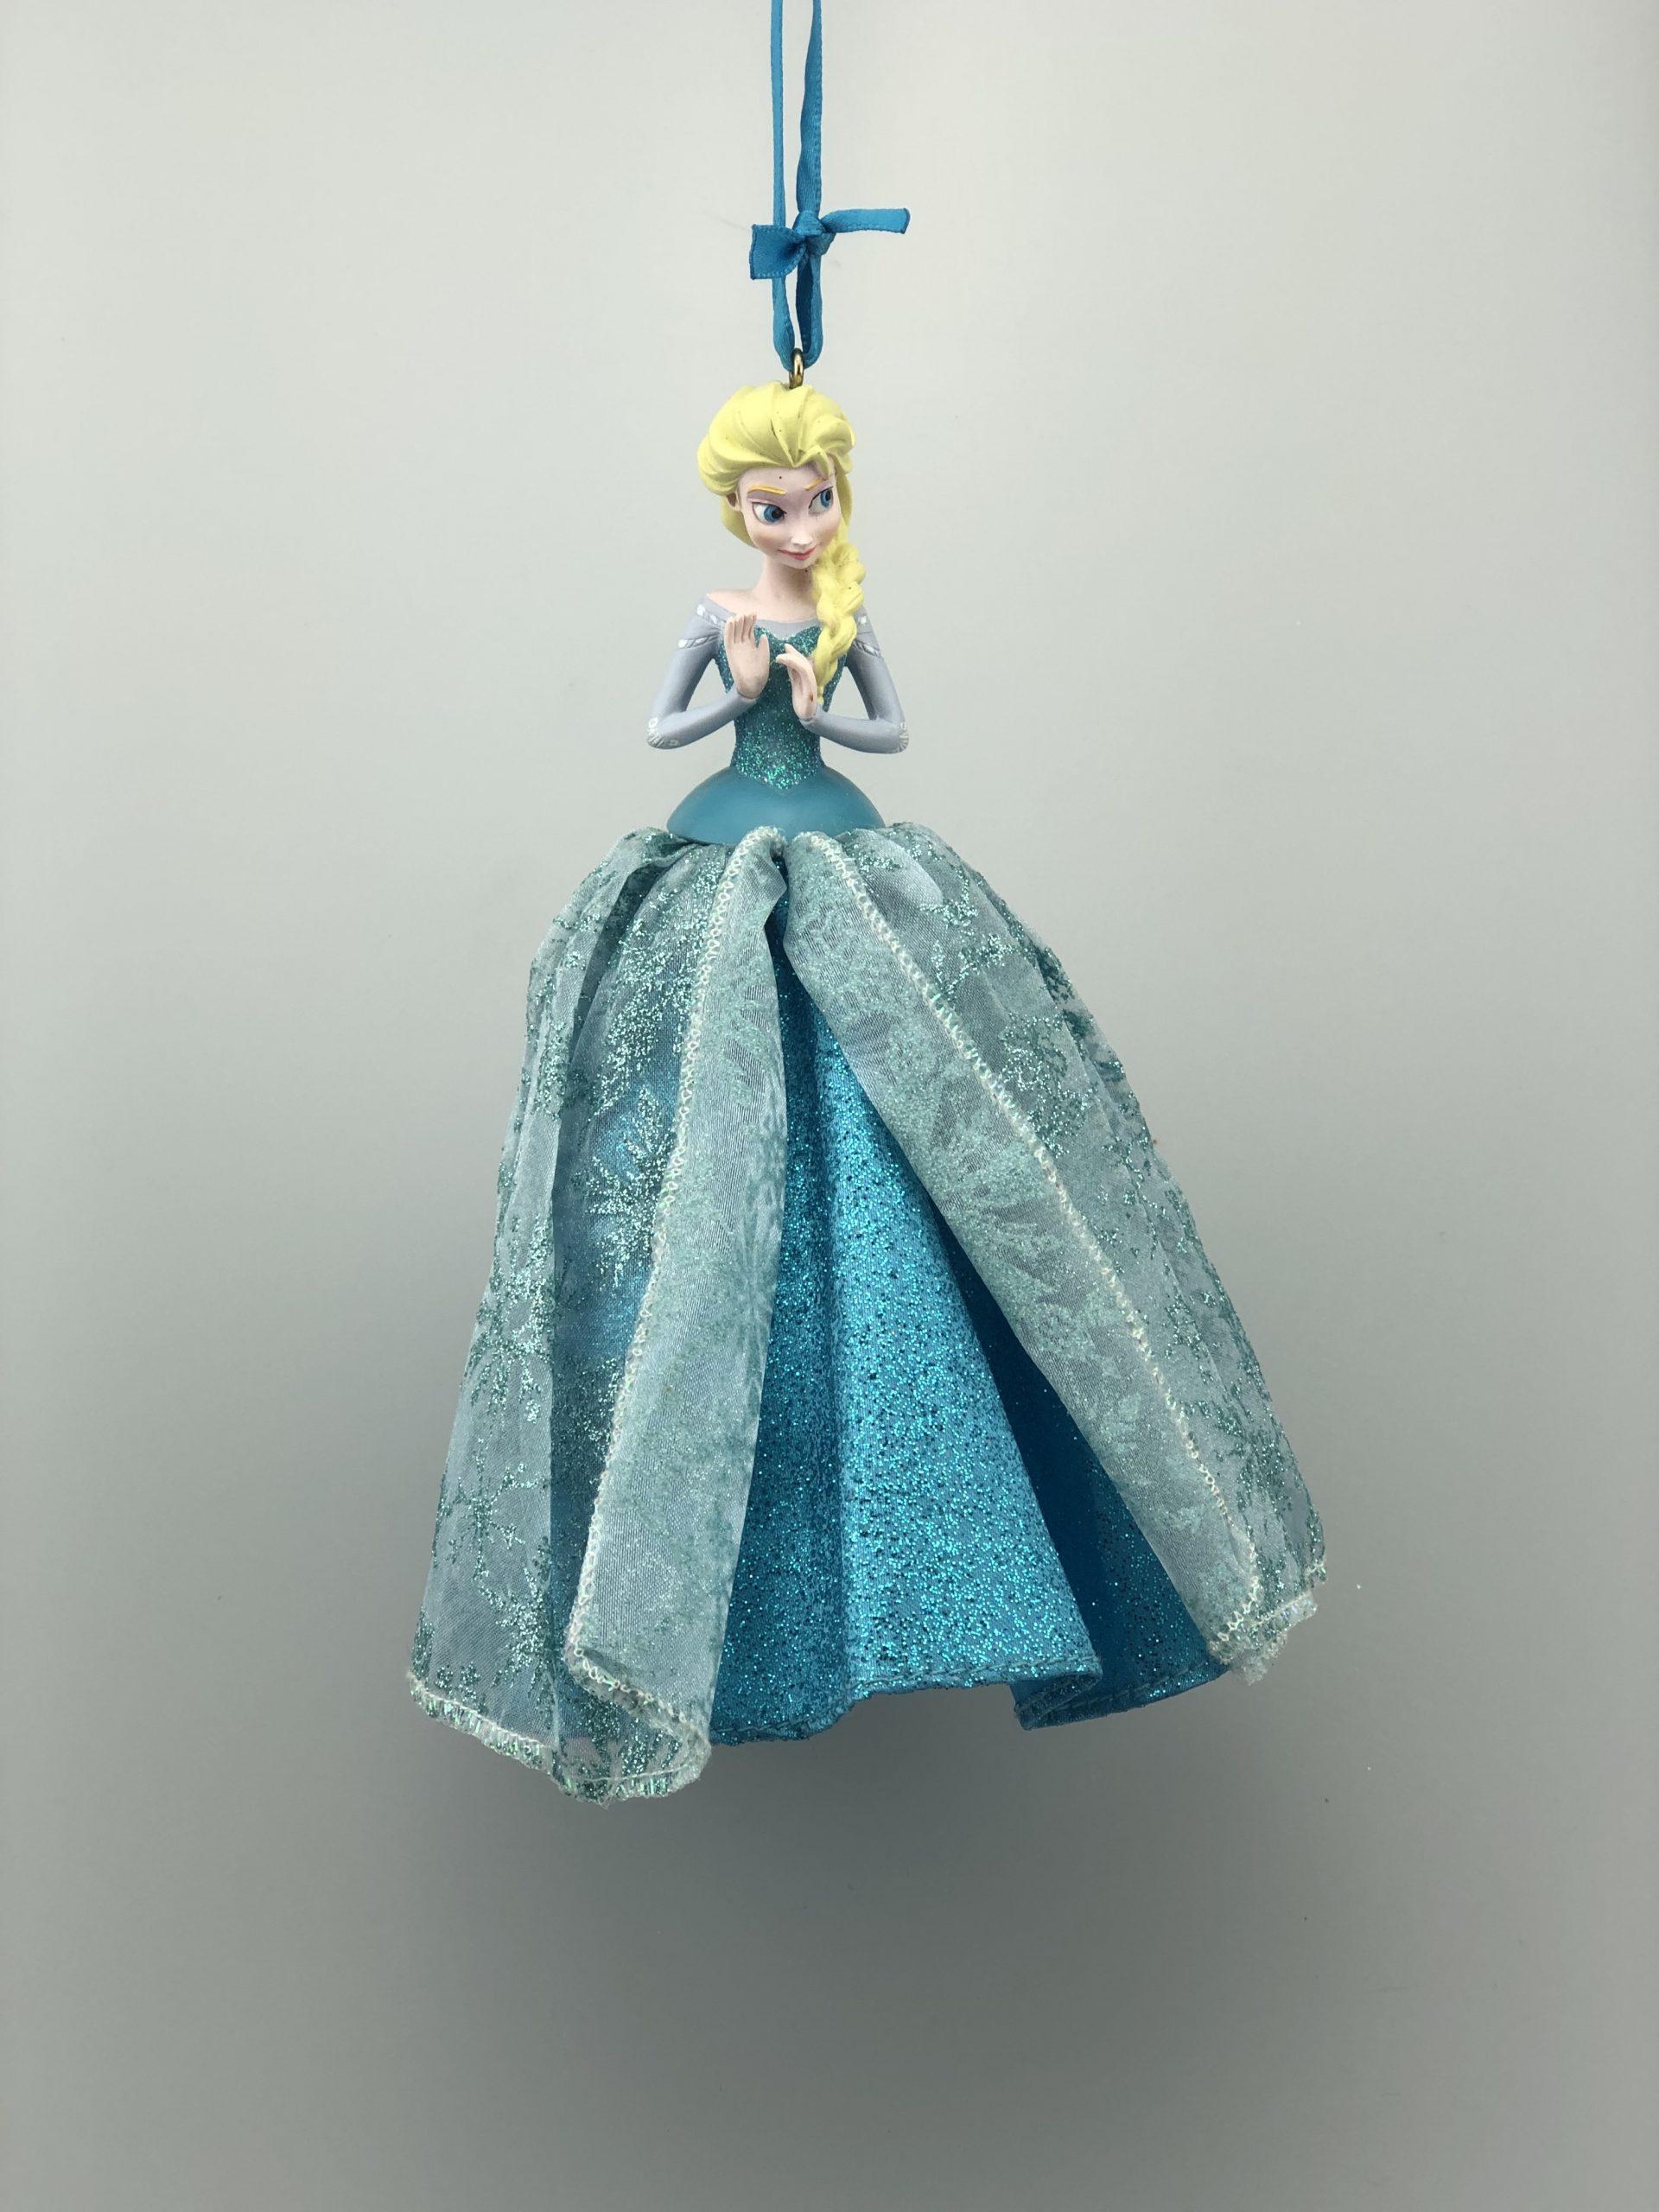 Kerst Ornament Kerstbal Elsa Frozen